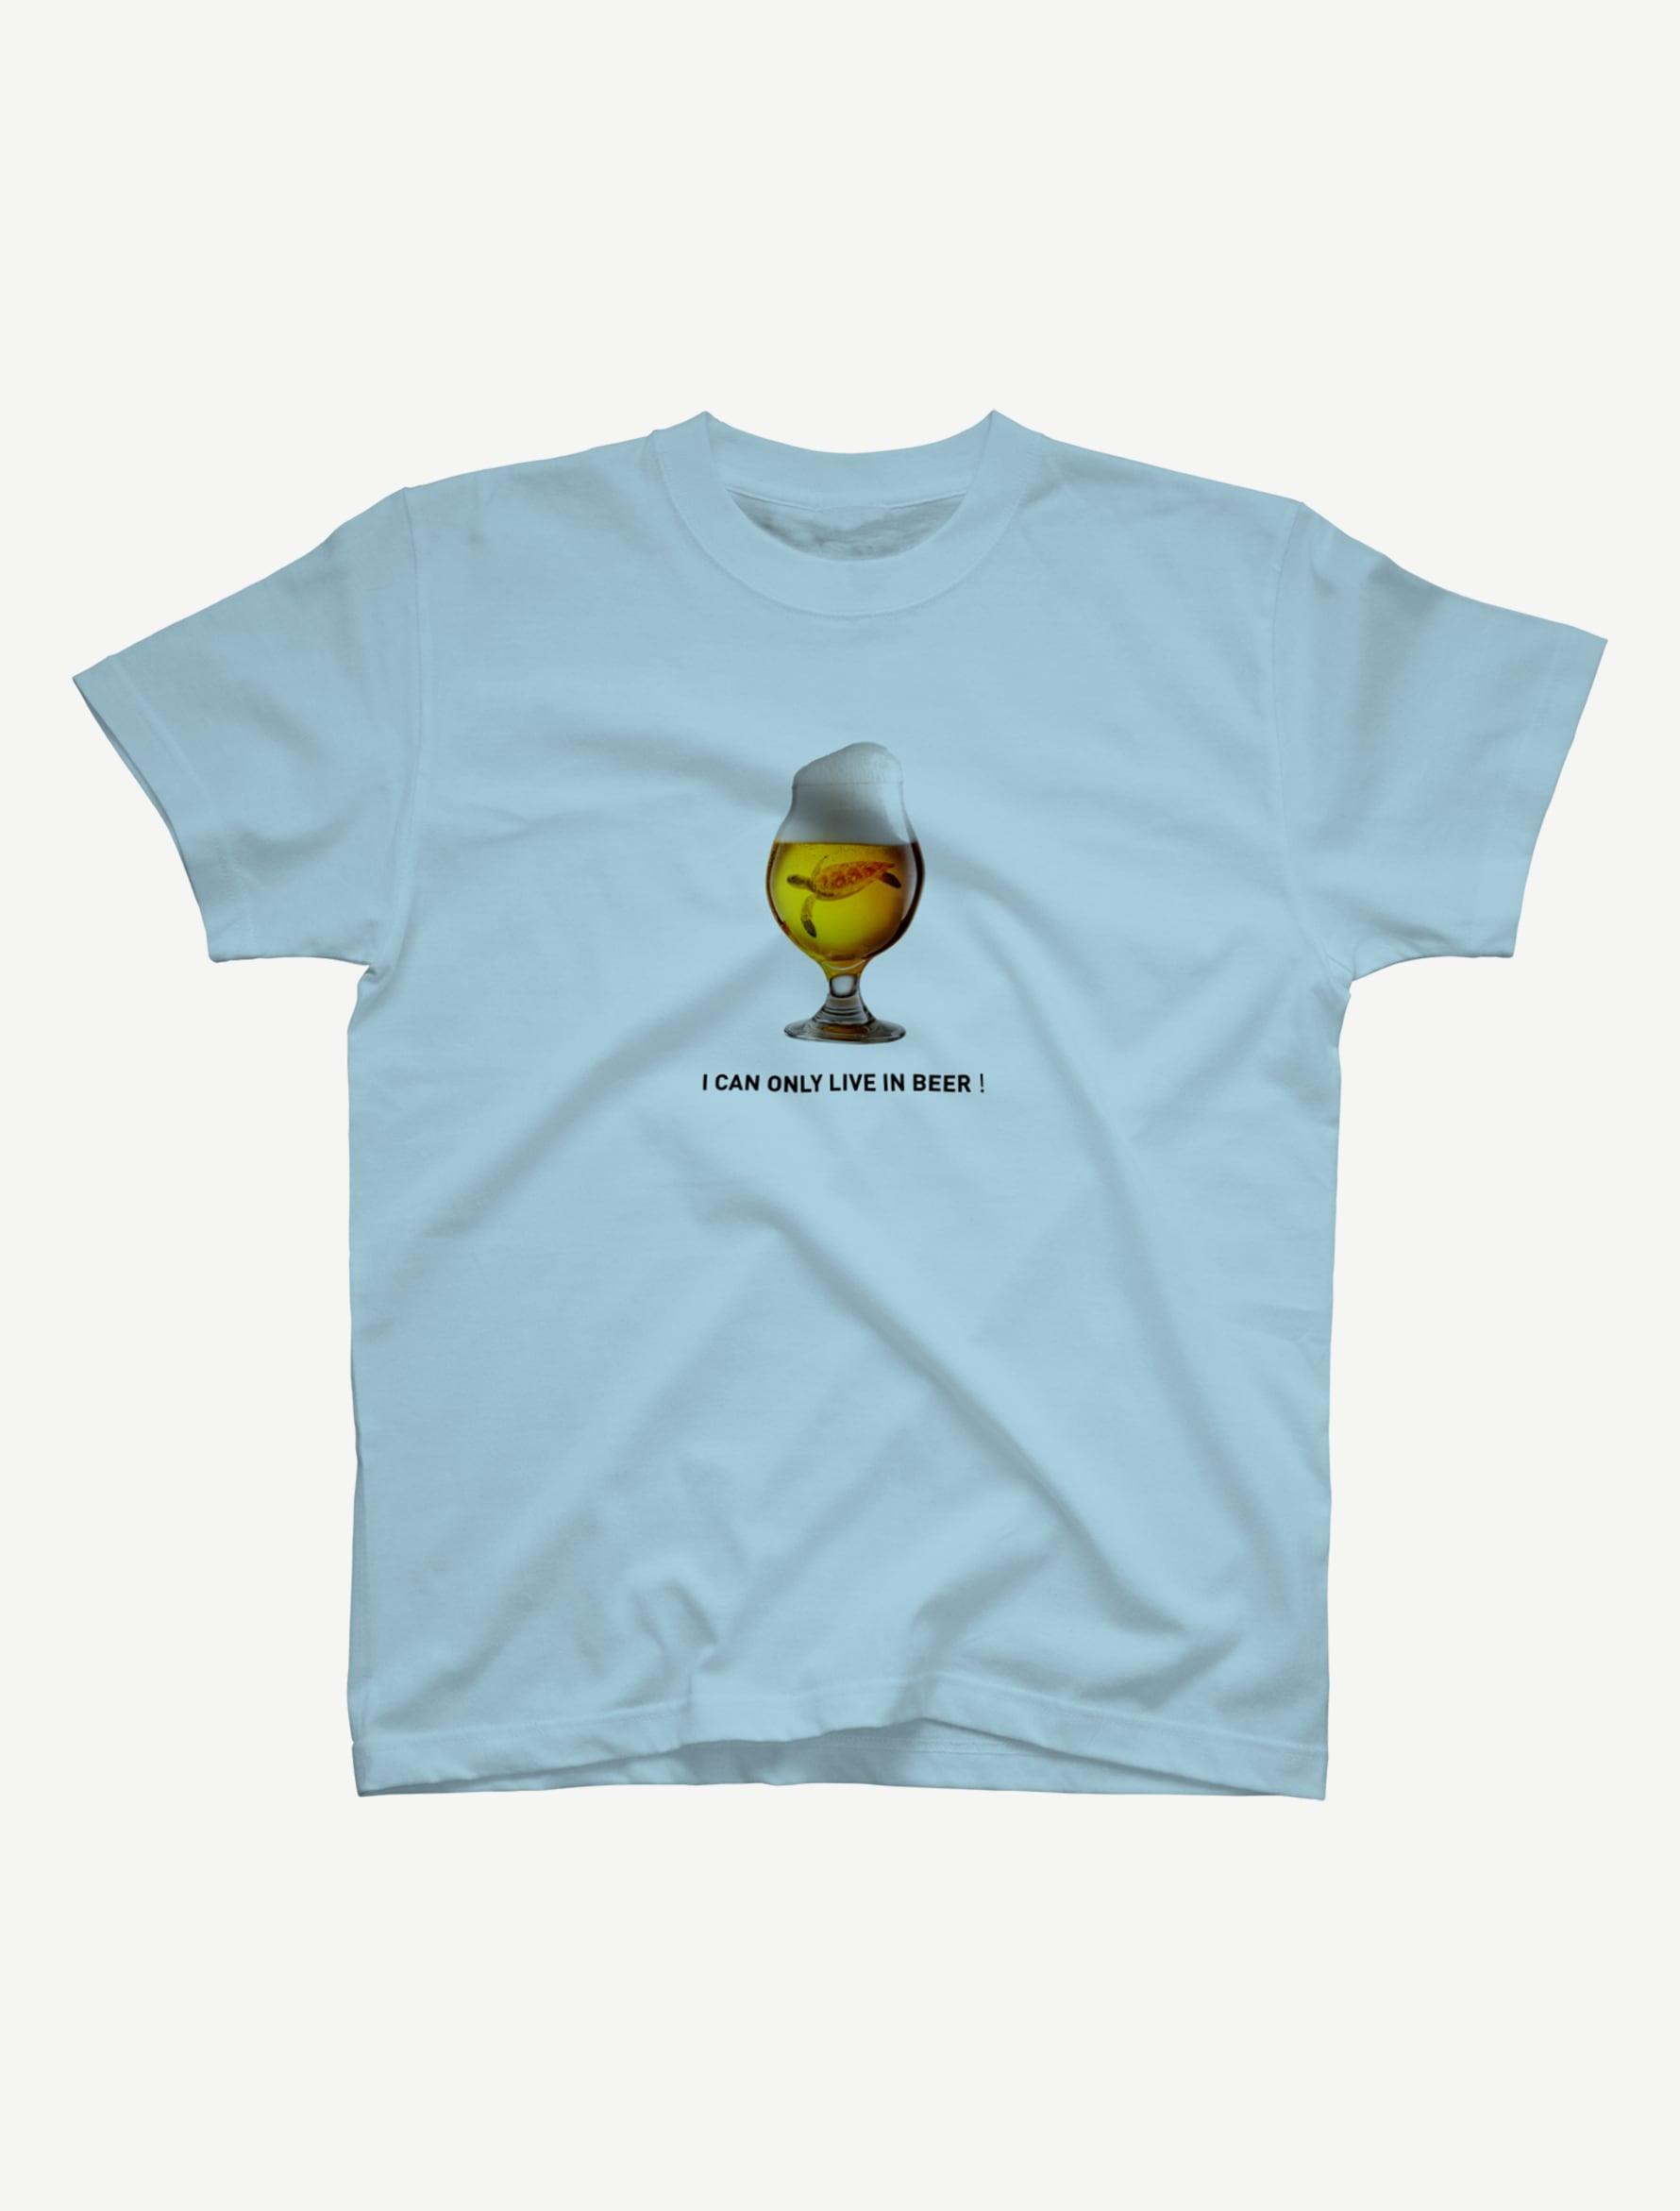 【ビールの中でしか・・・ウミガメ】Tシャツ(ライトブルー)